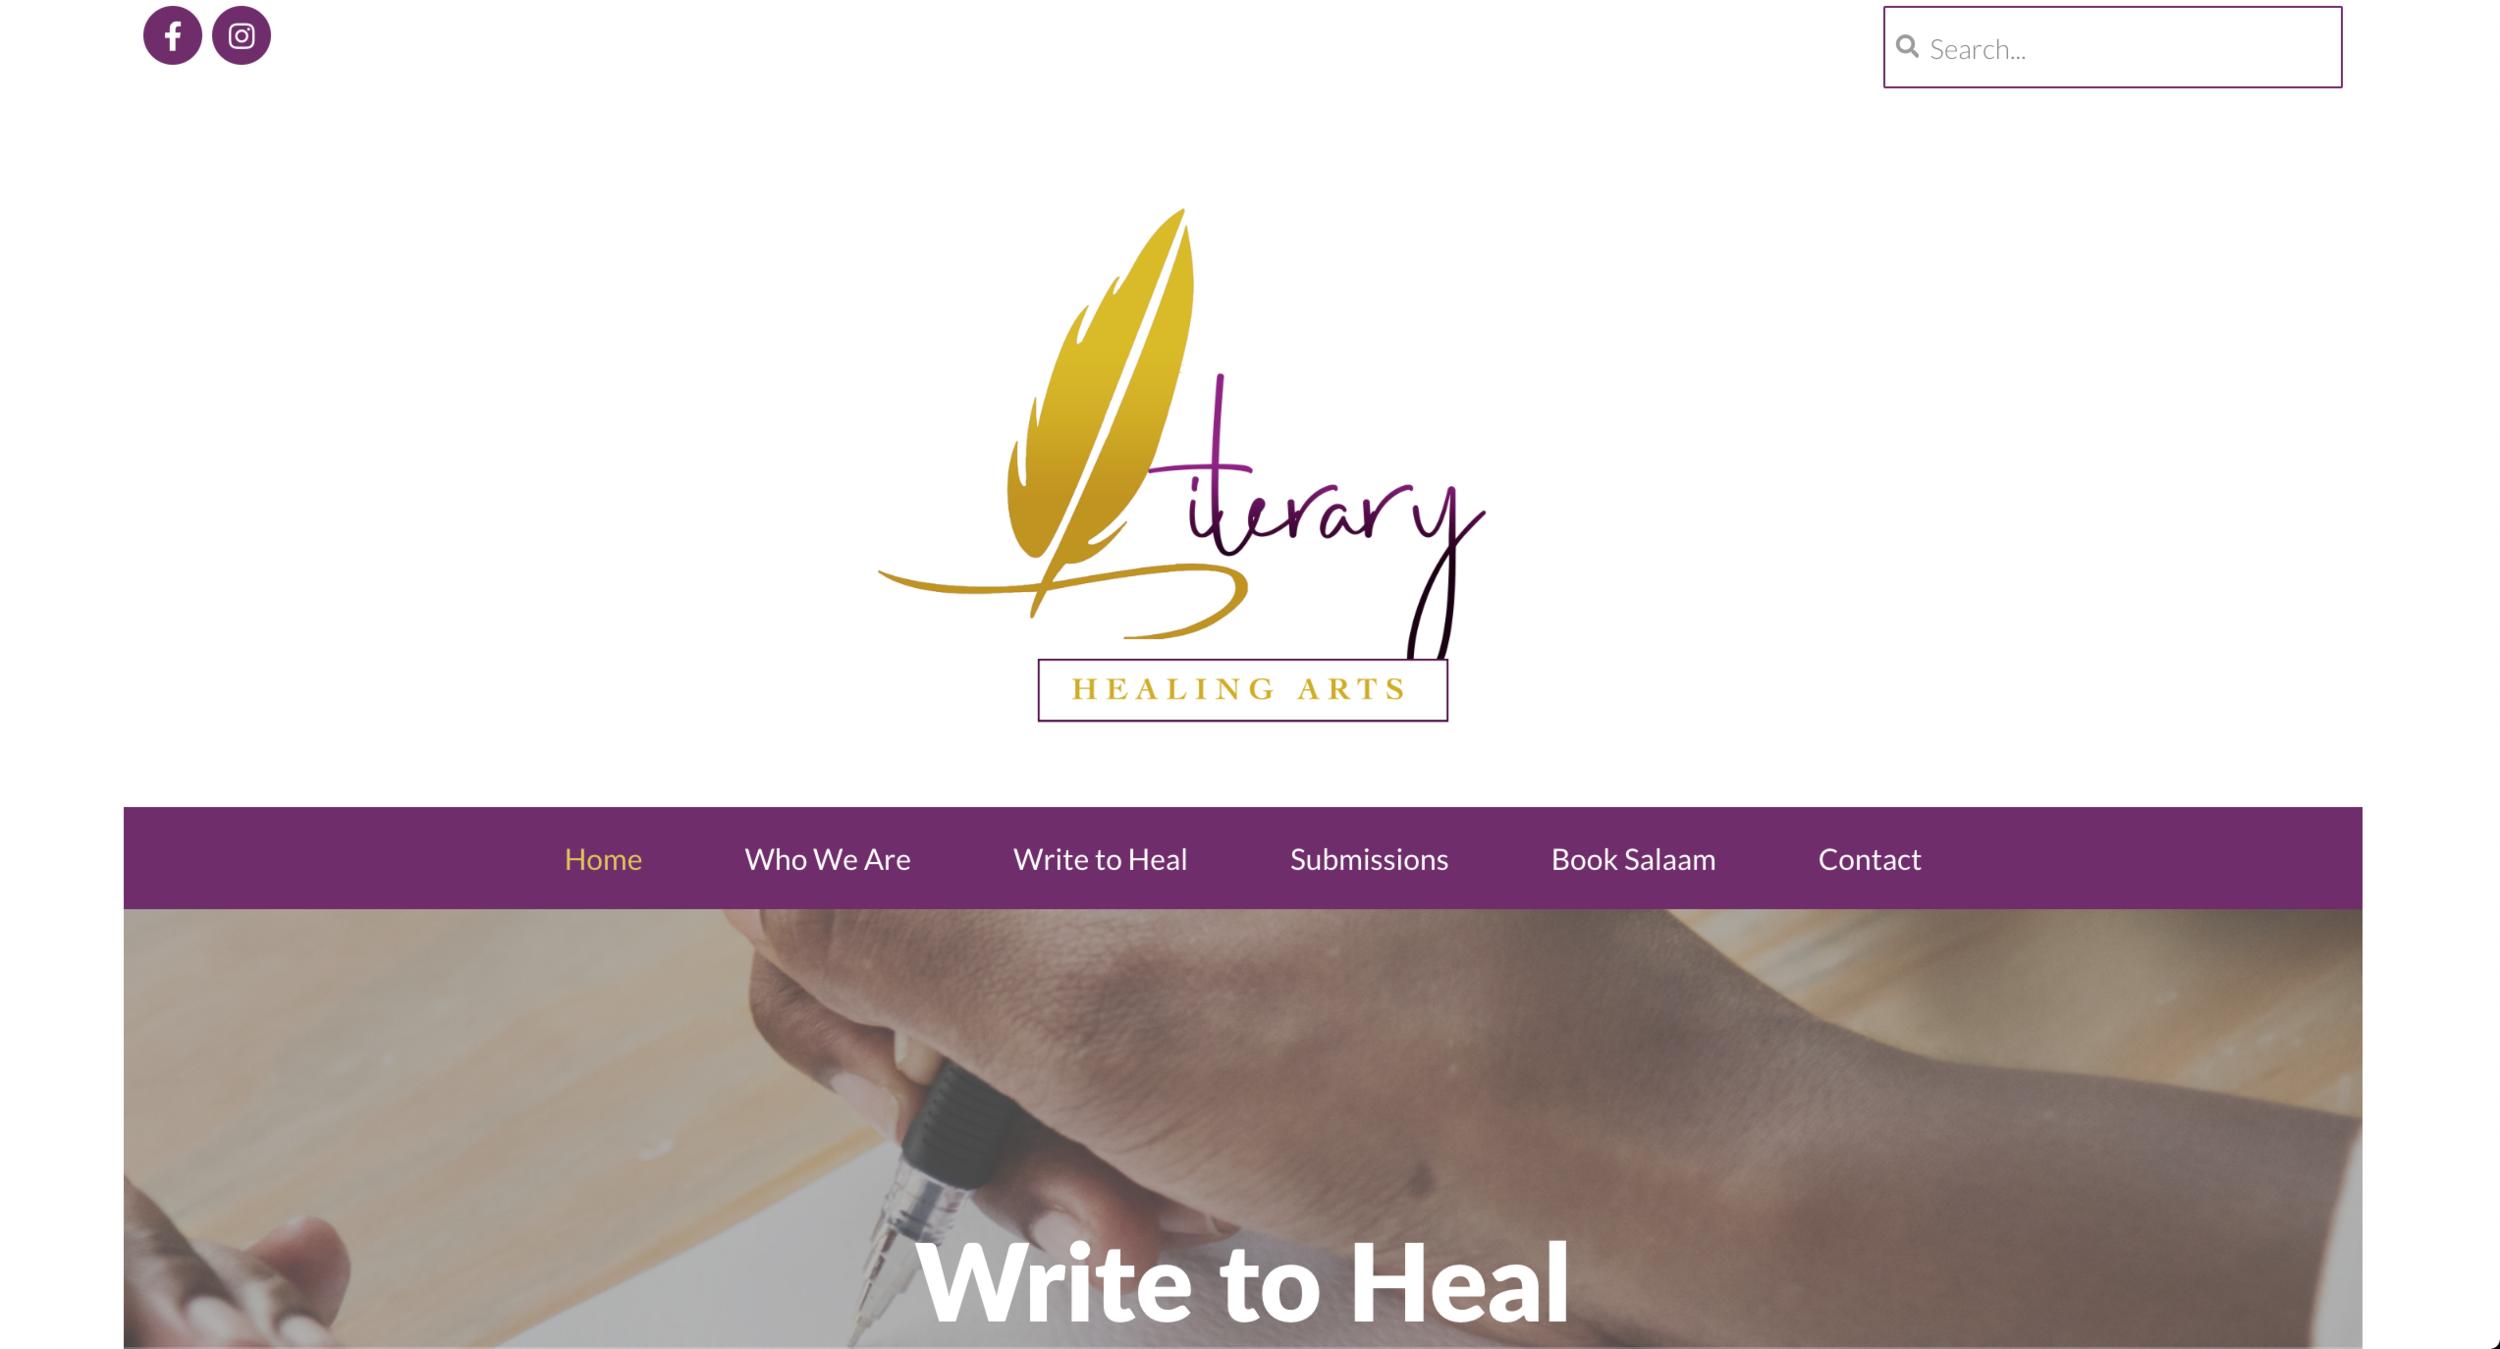 New Literary Healing Arts Homepage